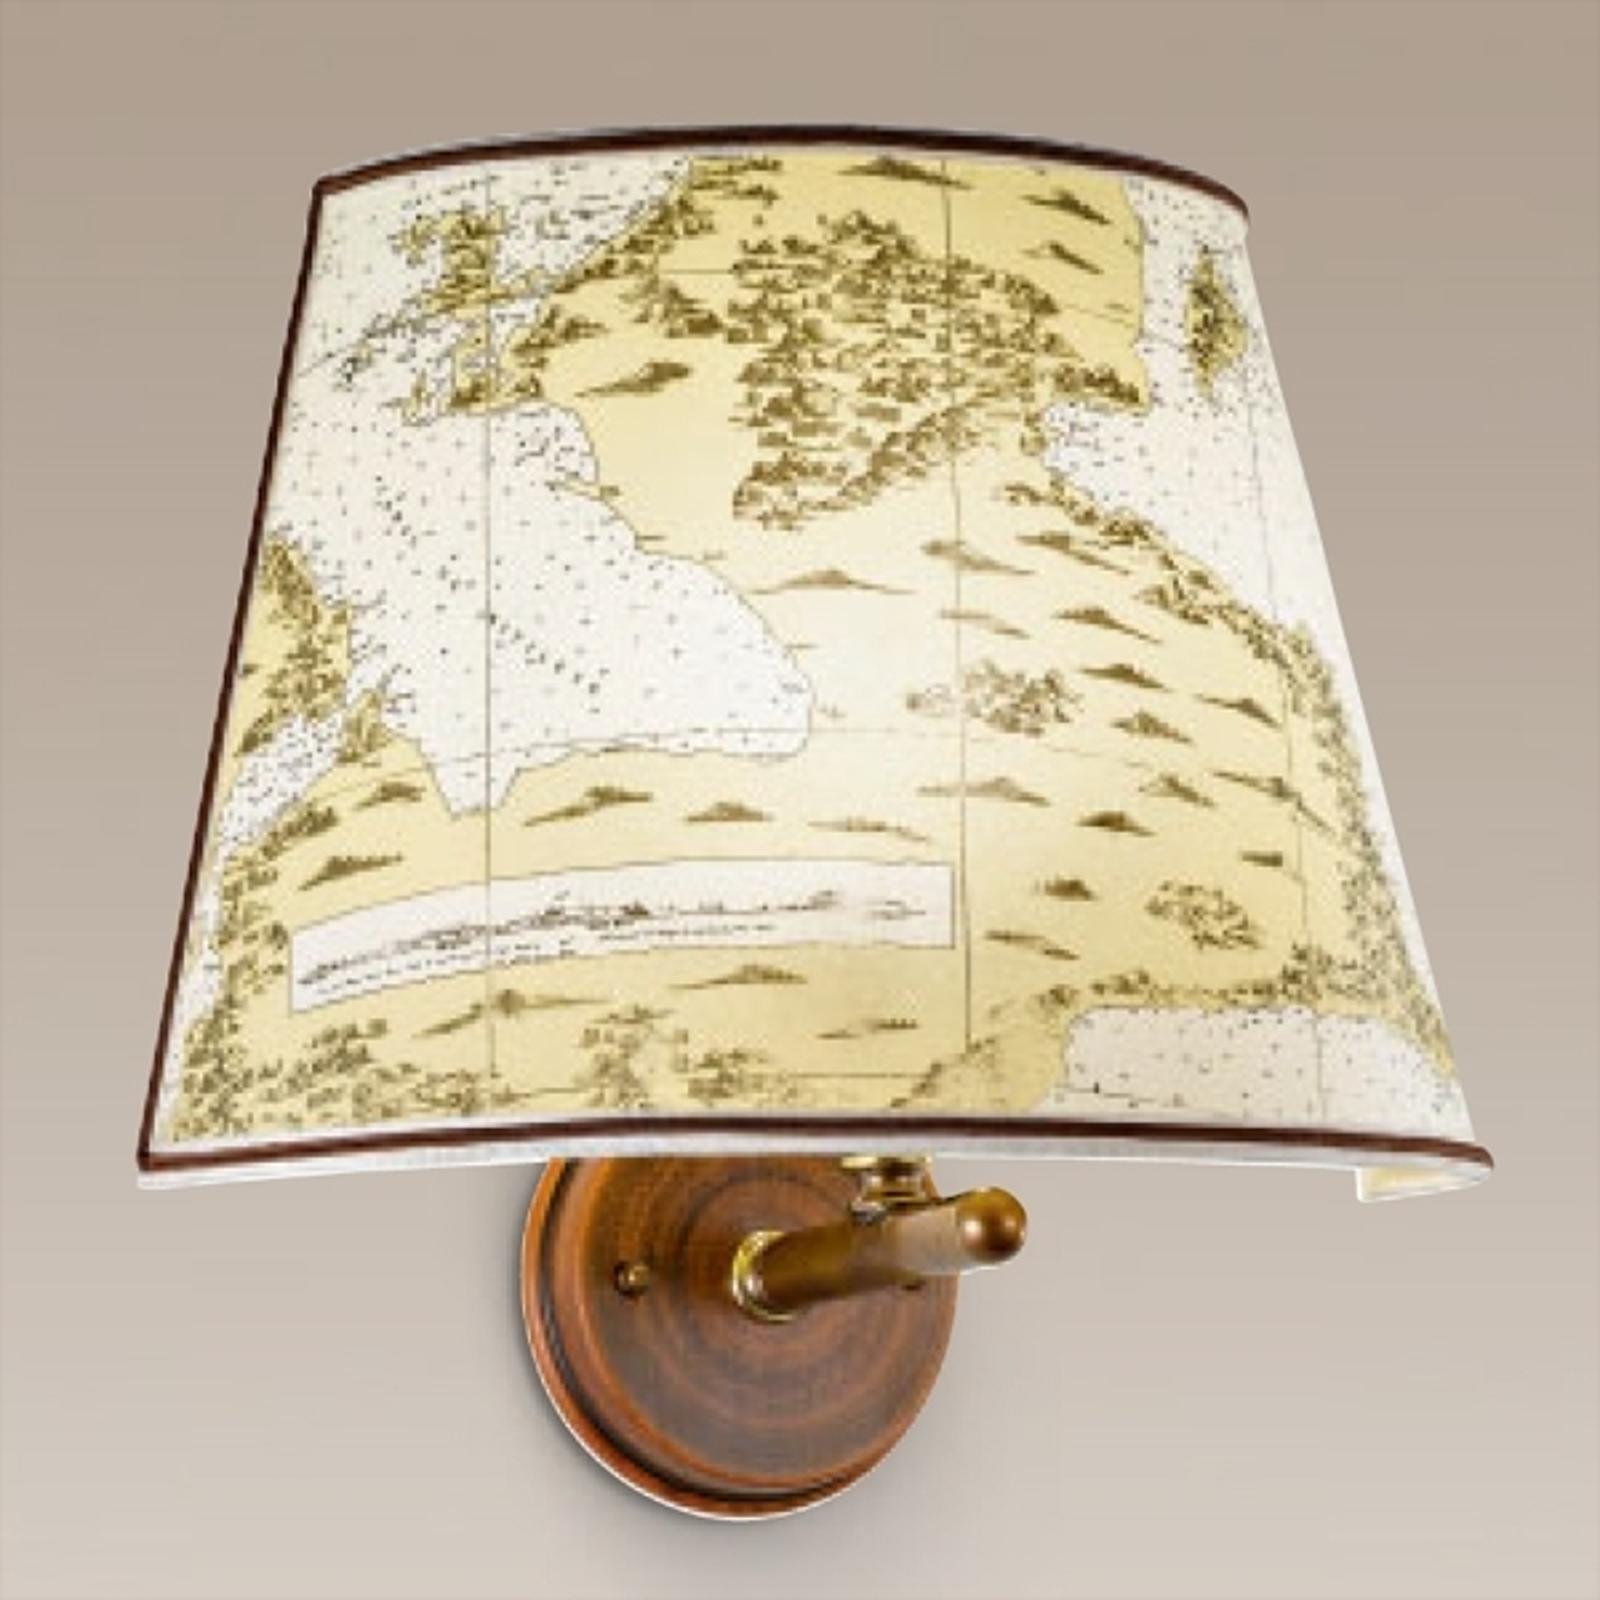 Nástěnné světlo Laguna, námořní design se dřevem